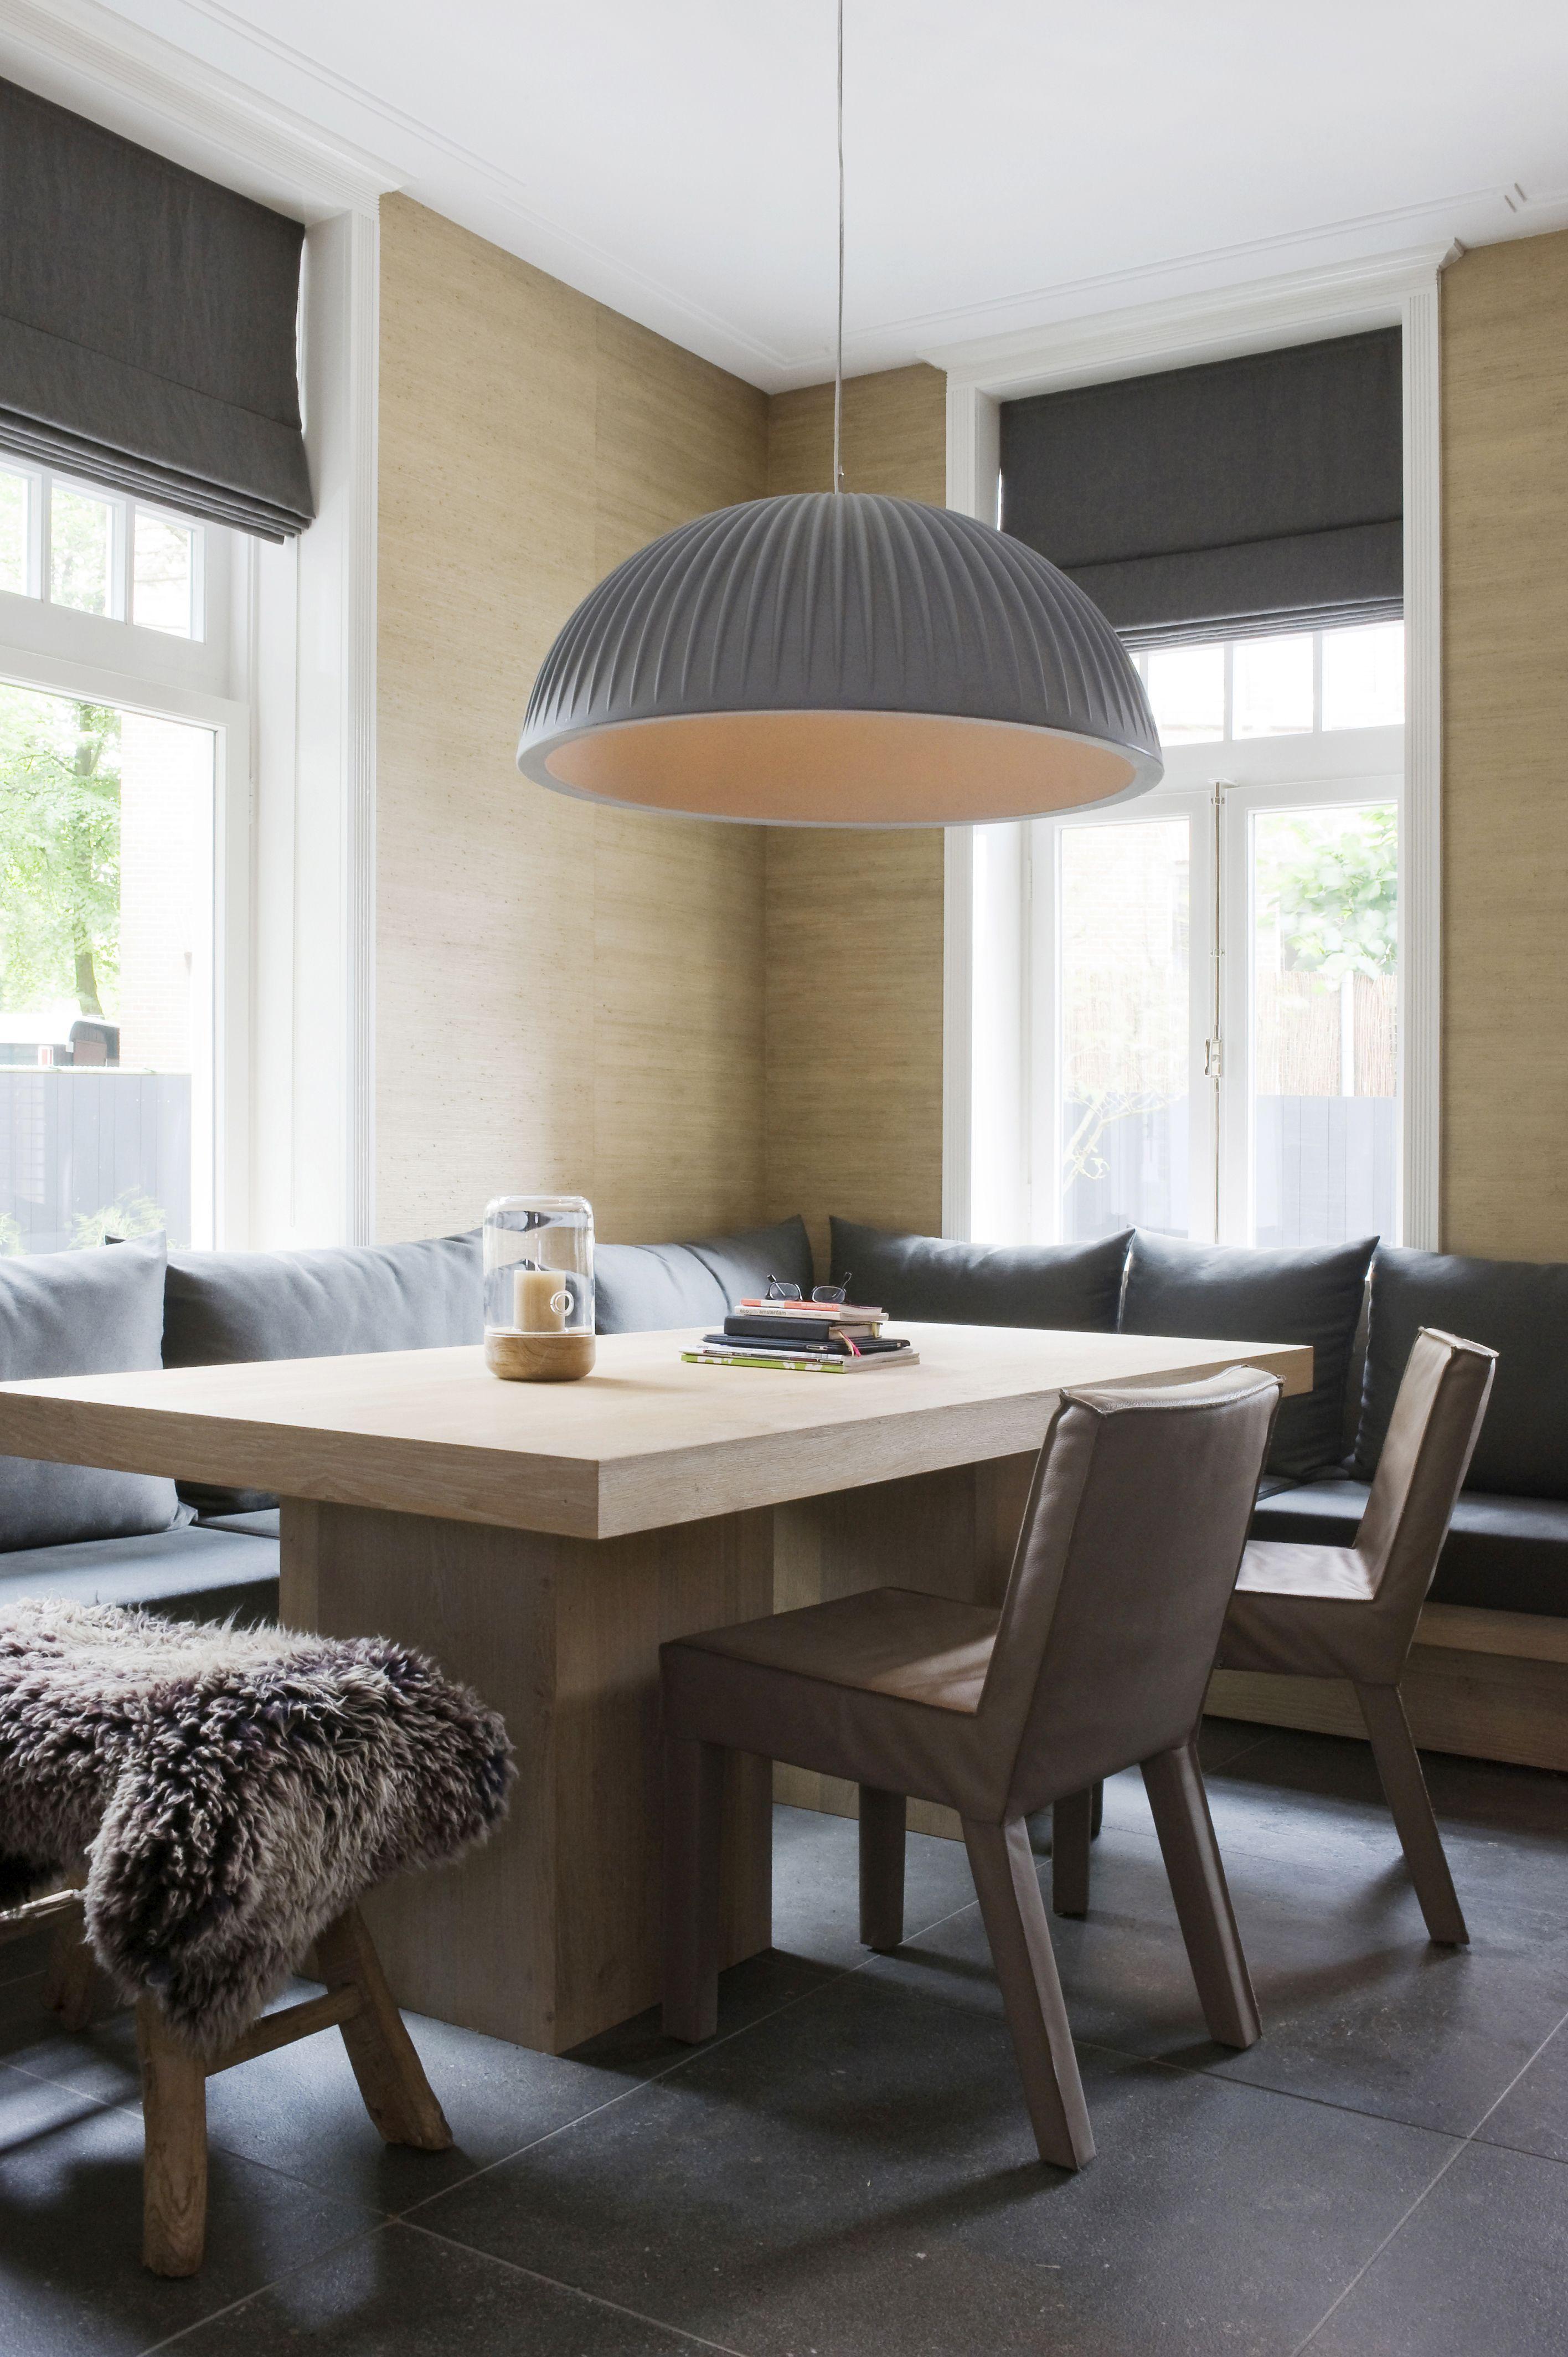 Grau versteht sich wunderbar mit warmen beige und for Wunderbar schlafzimmer mit schragen